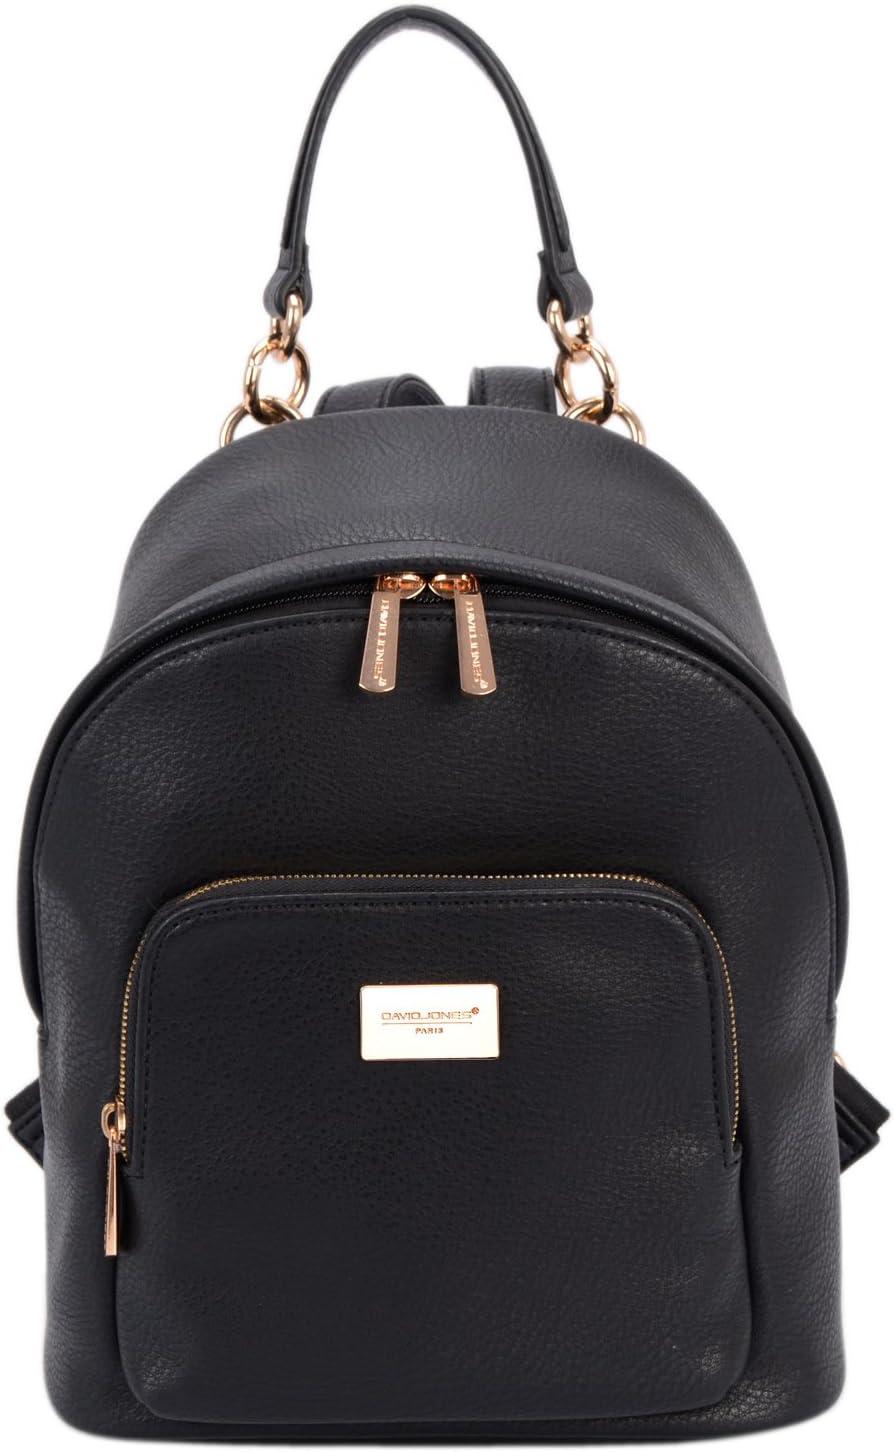 David Jones - Bolso Mochila Mujer Pequeña - Morral Cuero Piel PU Suave - Backpack Daypack Casual Mini Señora Niña - Bolsos de Mano Hombro Viaje Escolar Universidad Colegio Ocio Elegante Moda - Negro